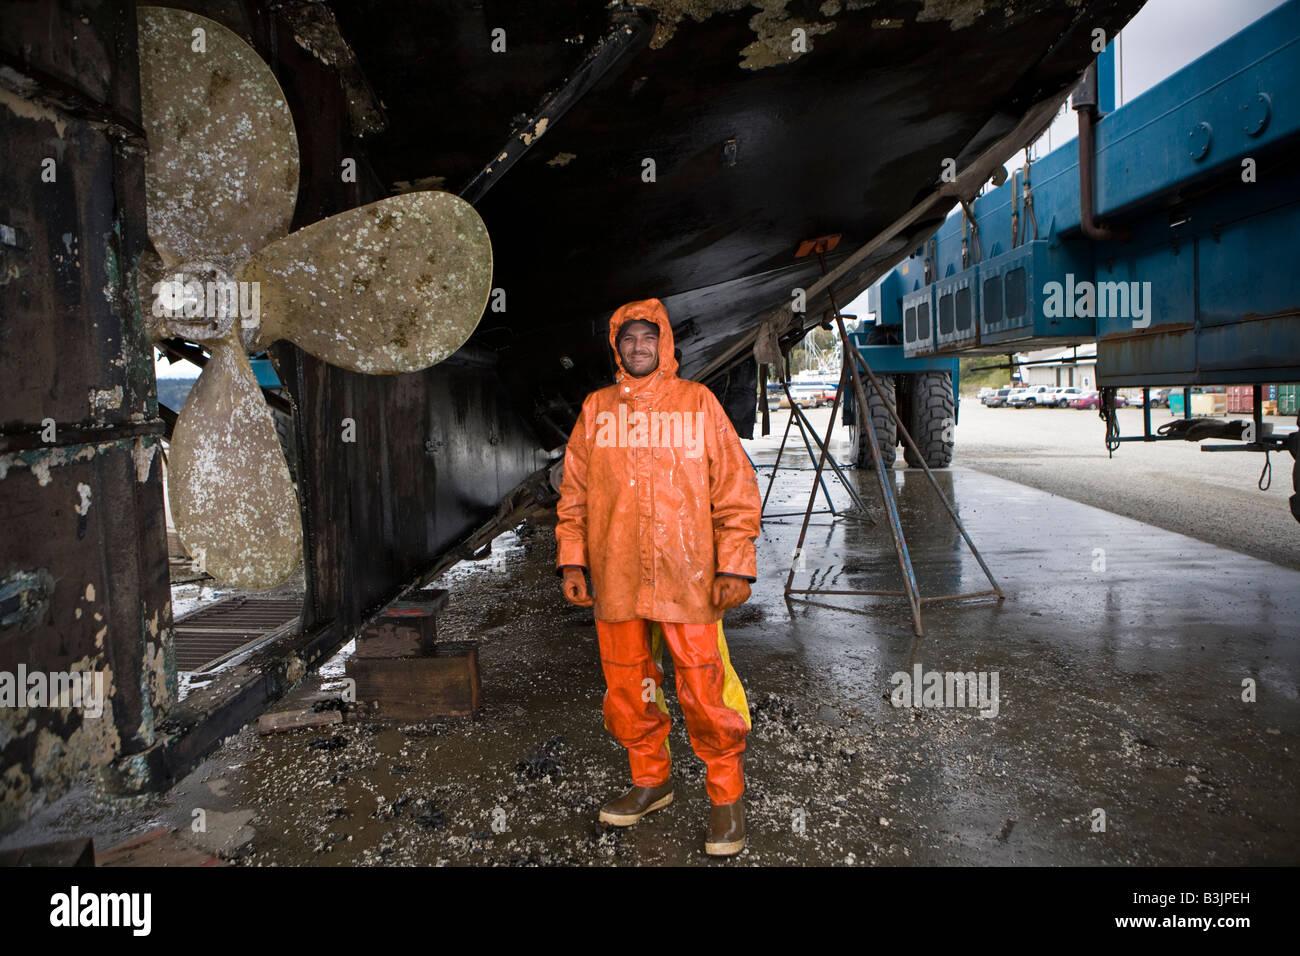 Robert Palmer lavaggi a pressione la parte inferiore di un 88 piedi lungo la pesca in barca Leann nel cantiere navale di Port Townsend Foto Stock